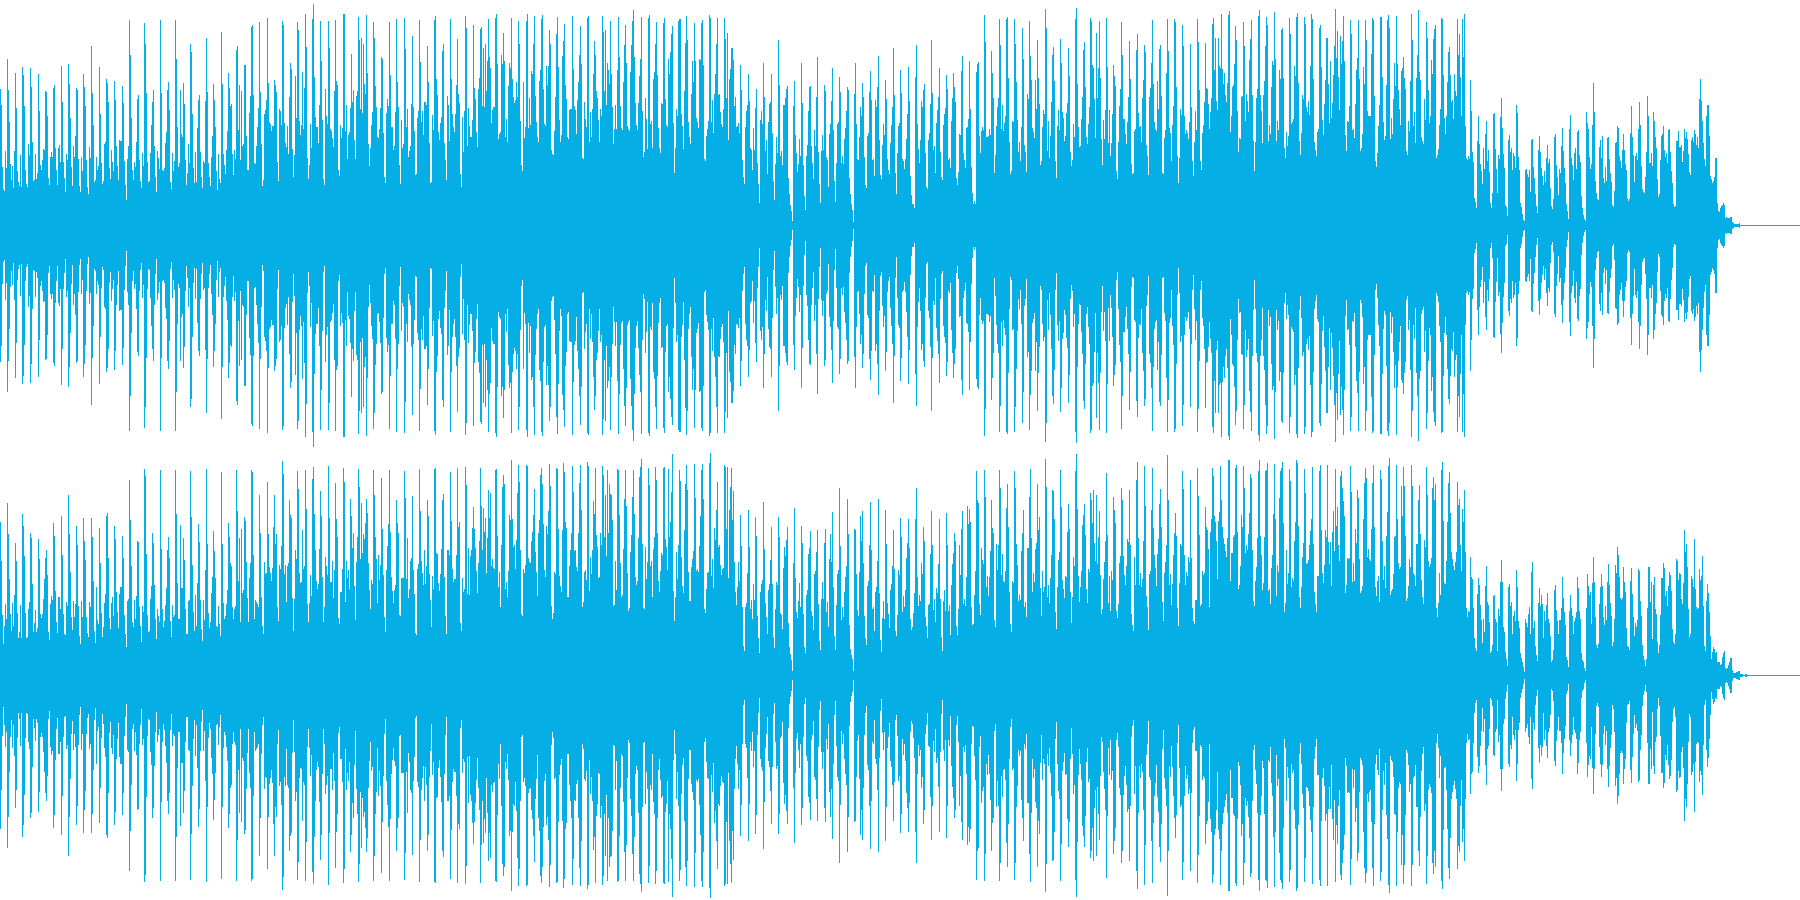 実験 サイエンス ジオグラフィックの再生済みの波形